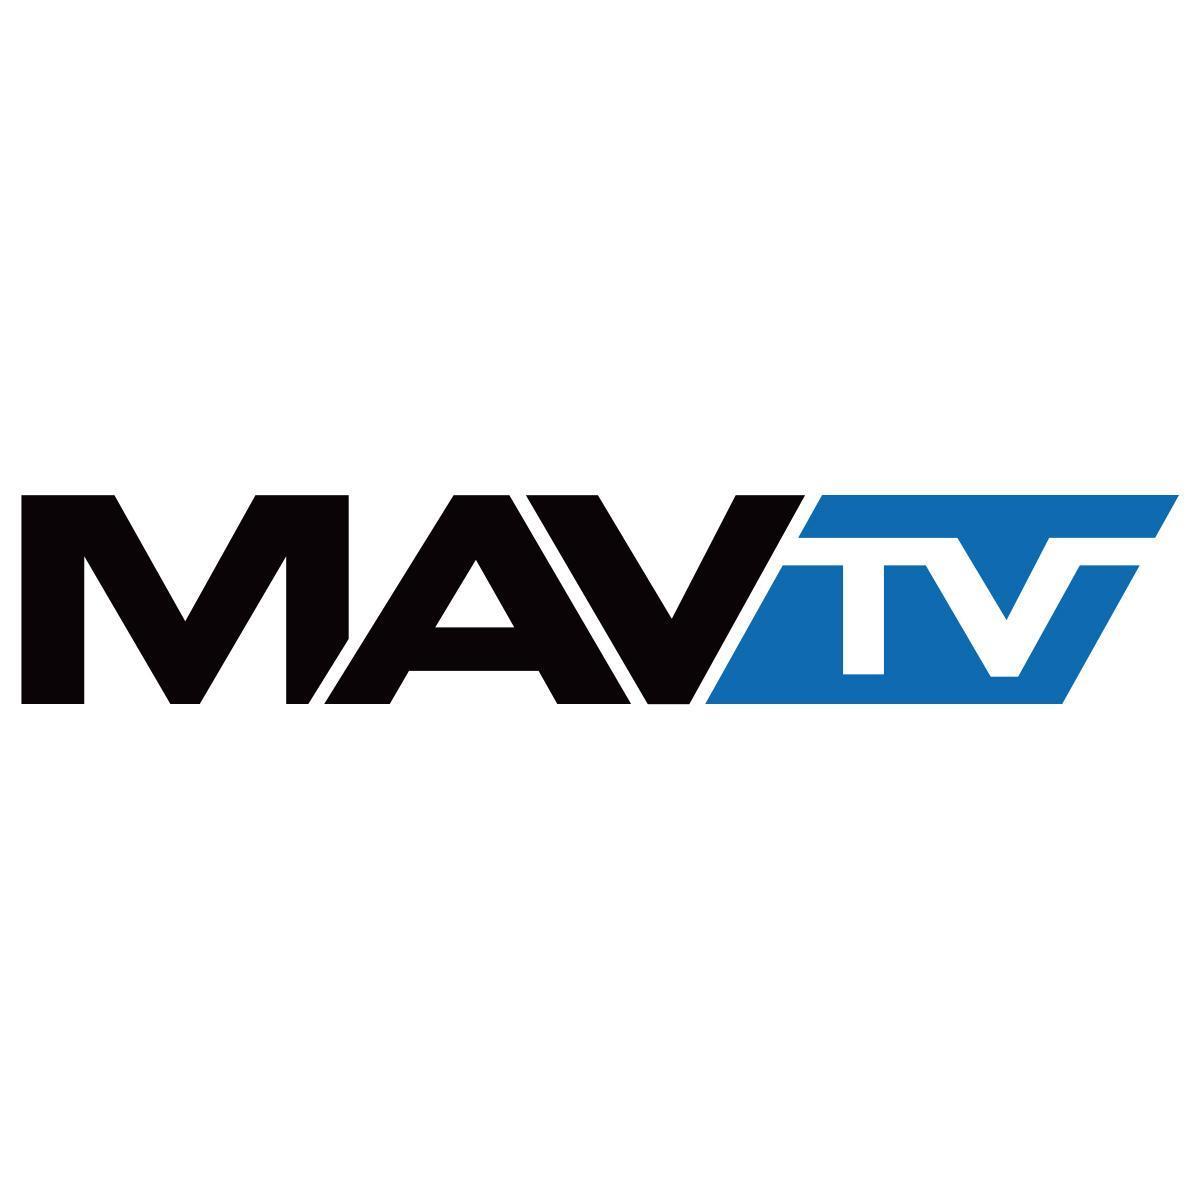 MAVTV on Twitter: